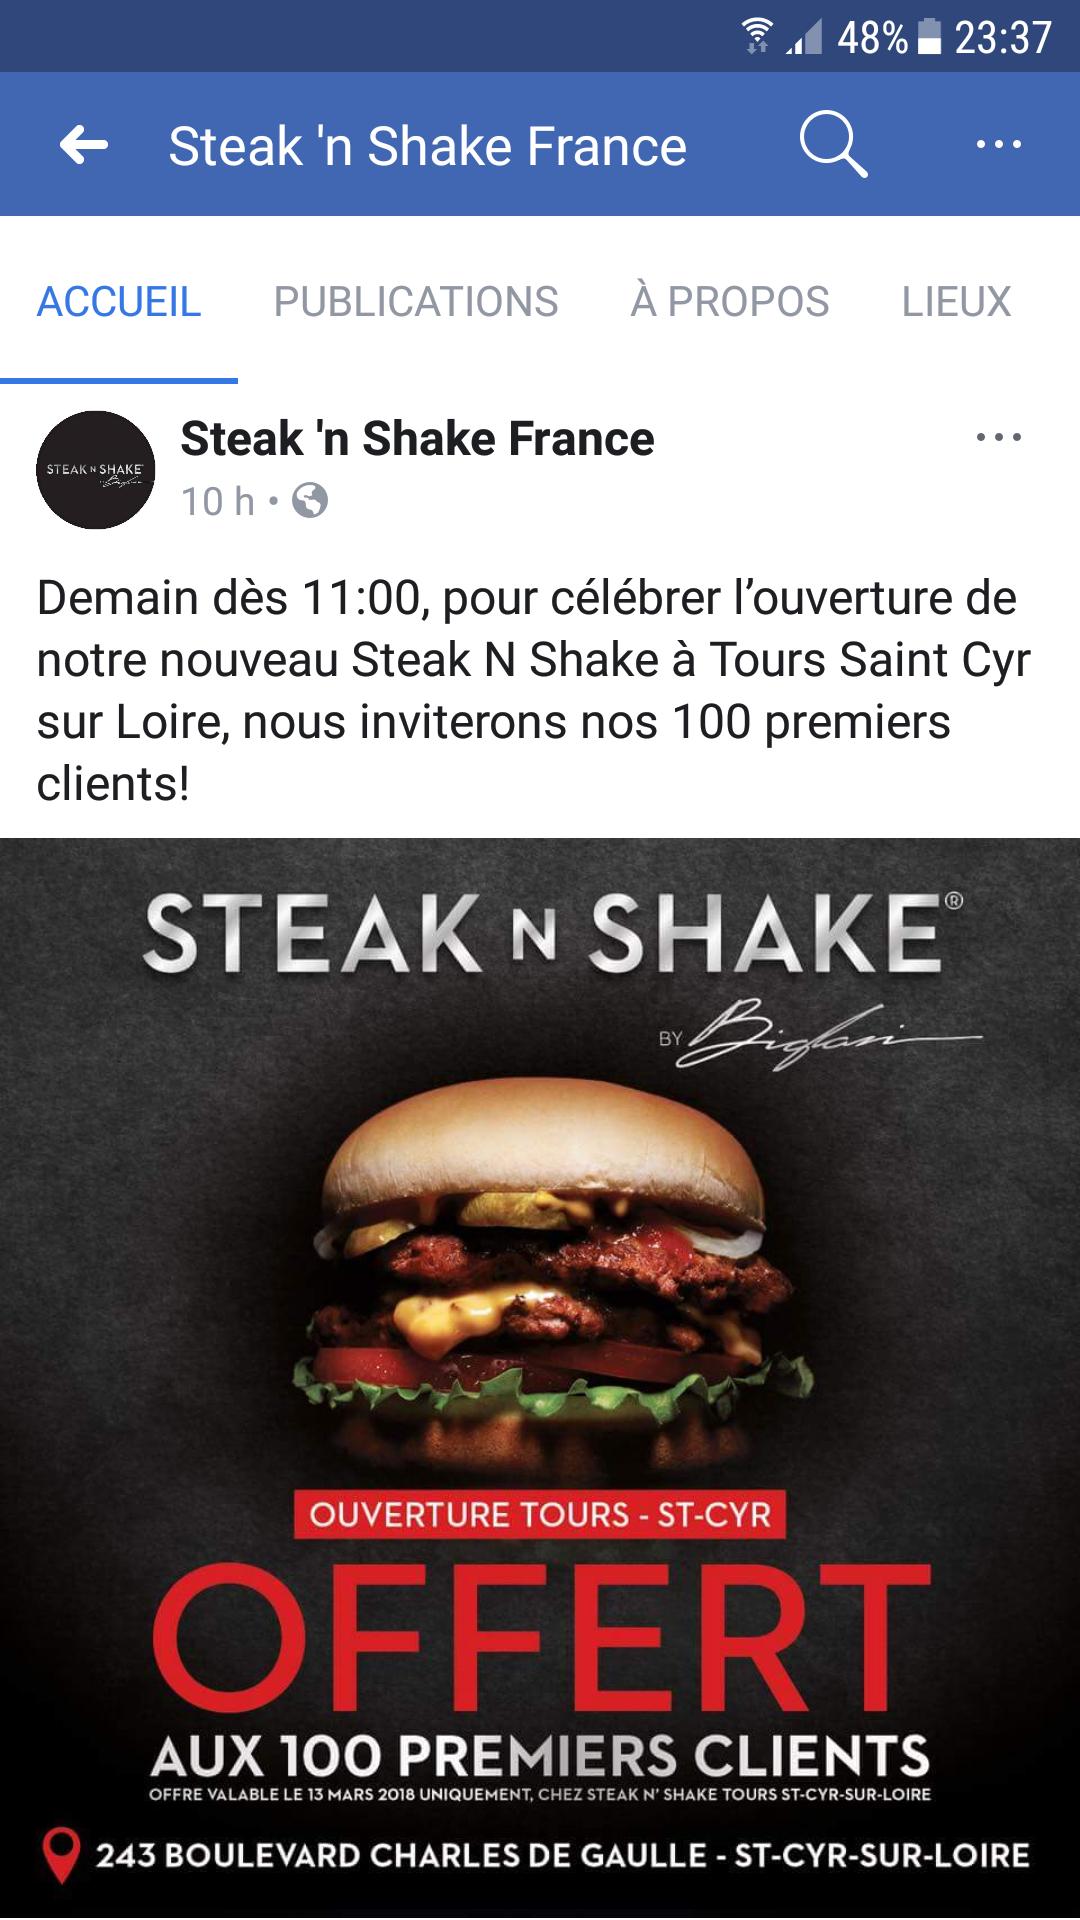 [A partir de 11h] 1 Menu Steak 'n Shake Offert aux 100 premiers clients - Tours Saint-Cyr-sur-Loire (37)